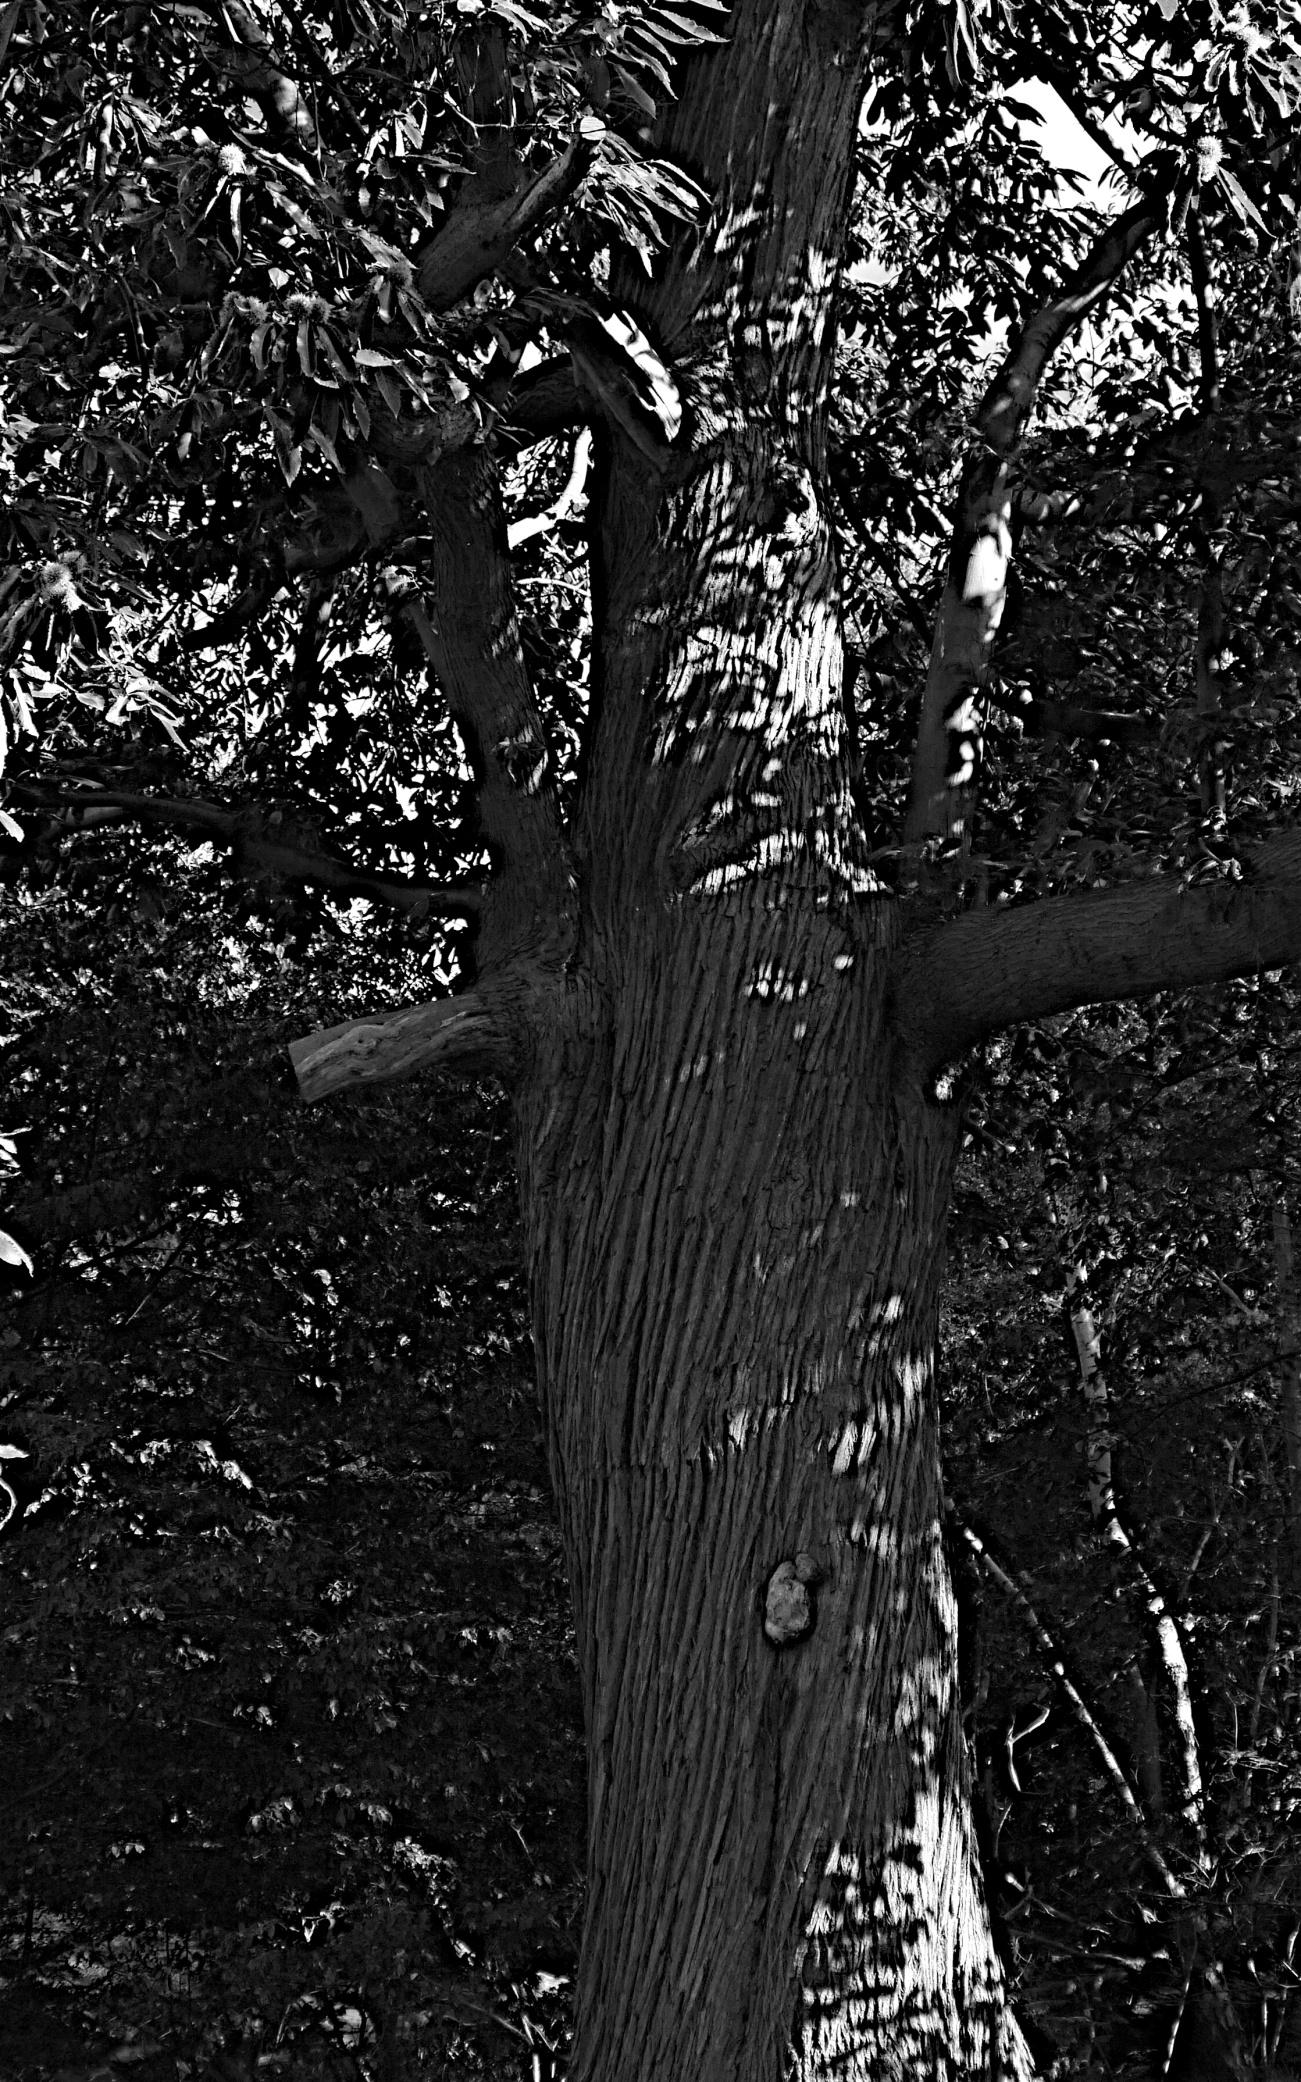 Corkscrewing bark of a mature sweet chestnut